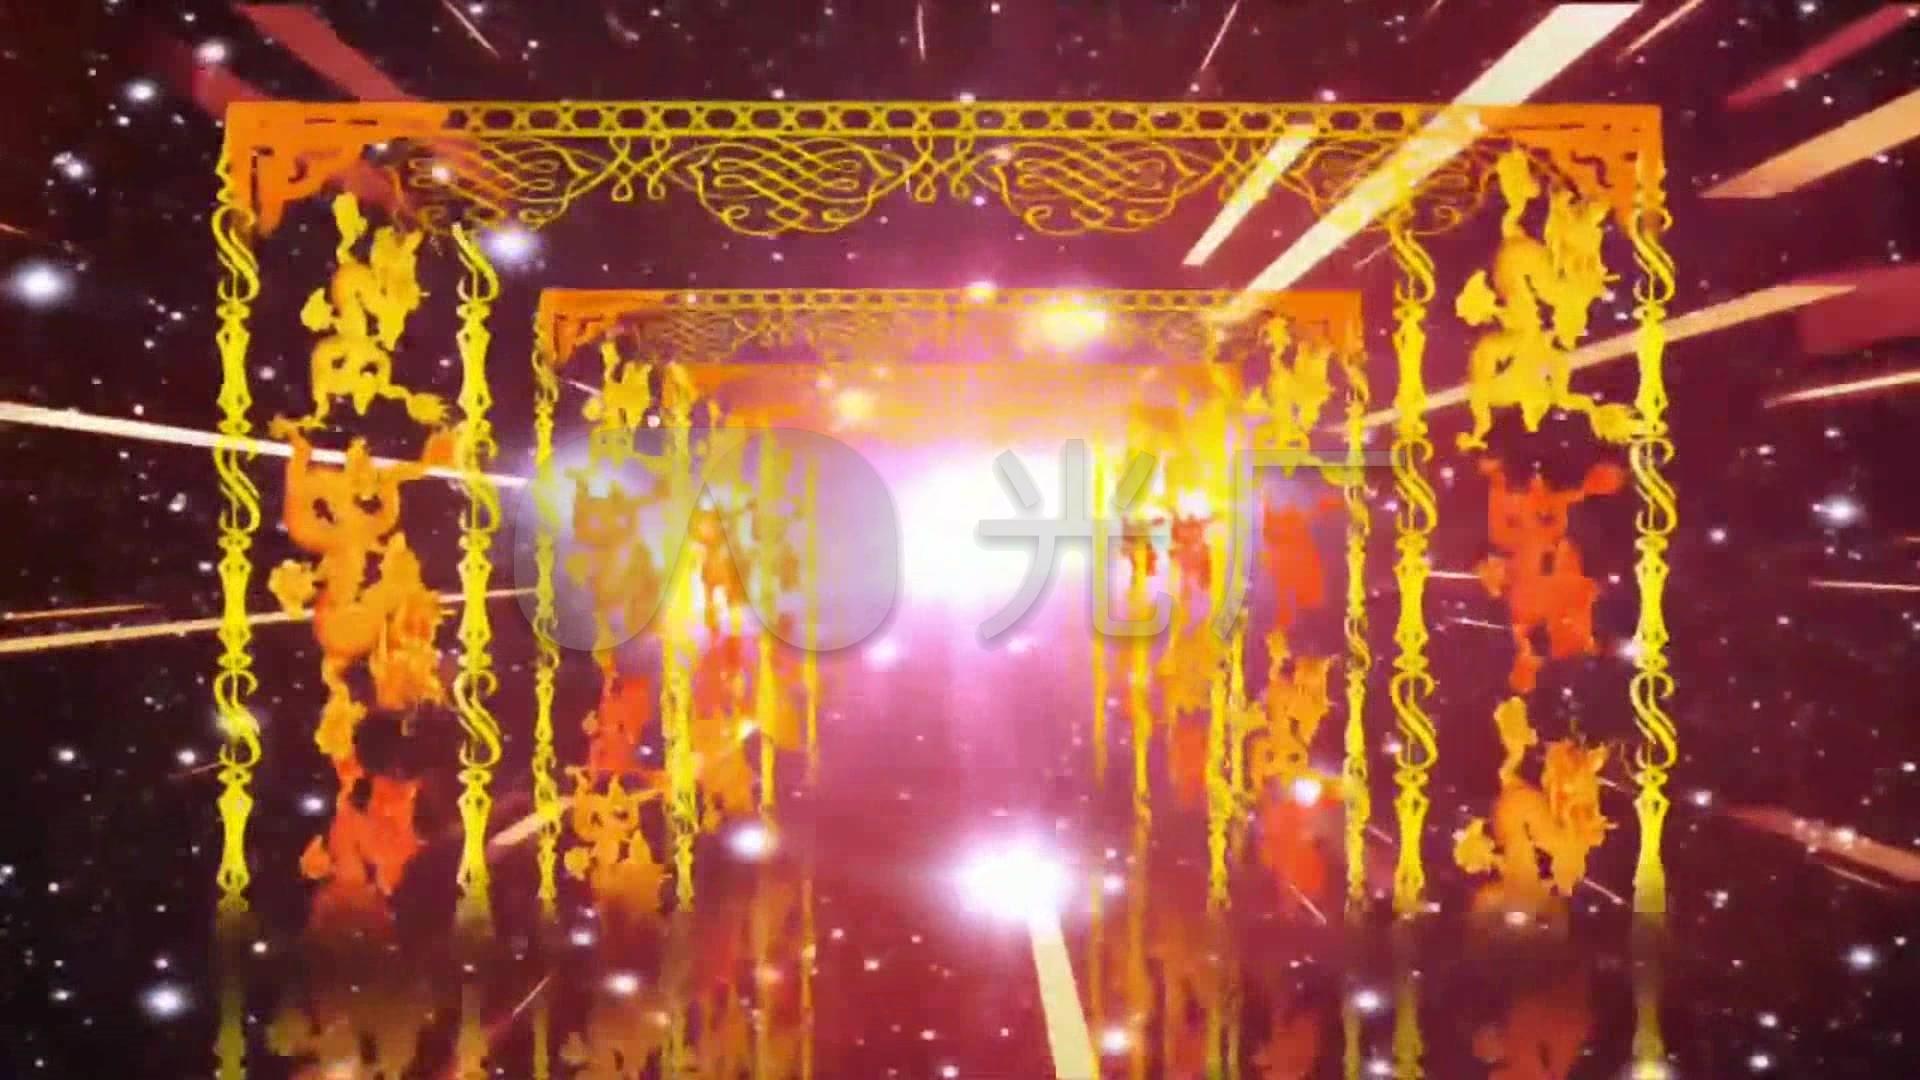 歌曲舞蹈《中国范儿》背景视频_1920X1080_高清视频素材下载(编号:770205)_舞台背景